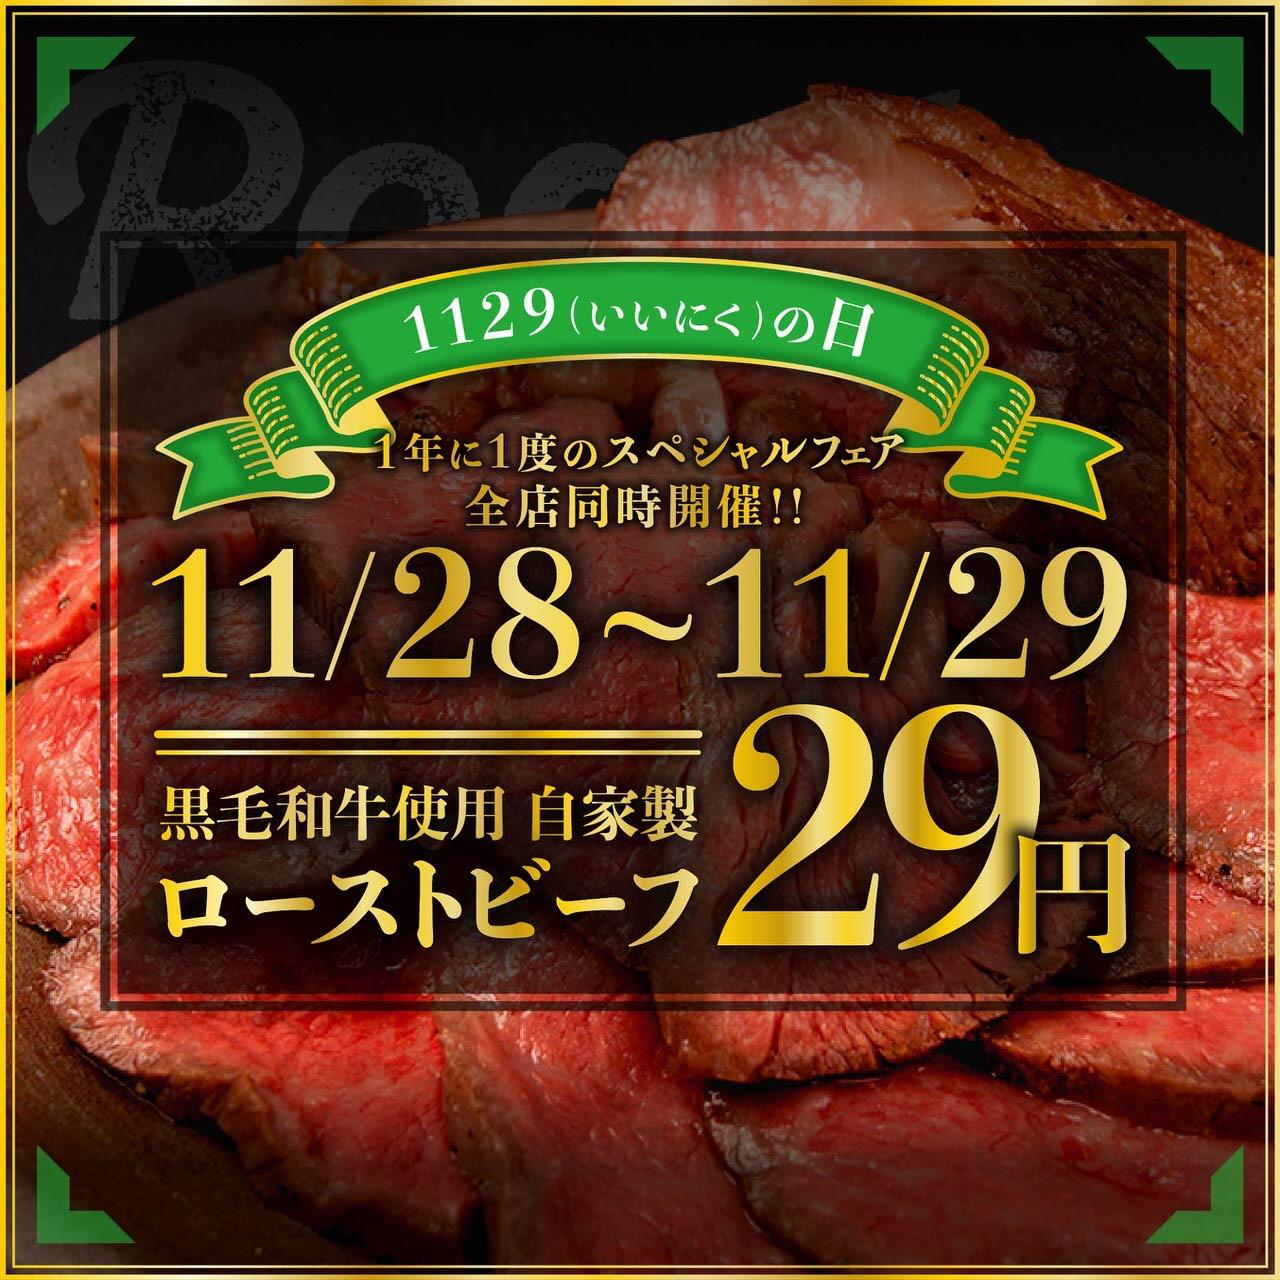 「原価ビストロBAN!」1129(いいにく)の日に29フェア!黒毛和牛ローストビーフ100gを29円で